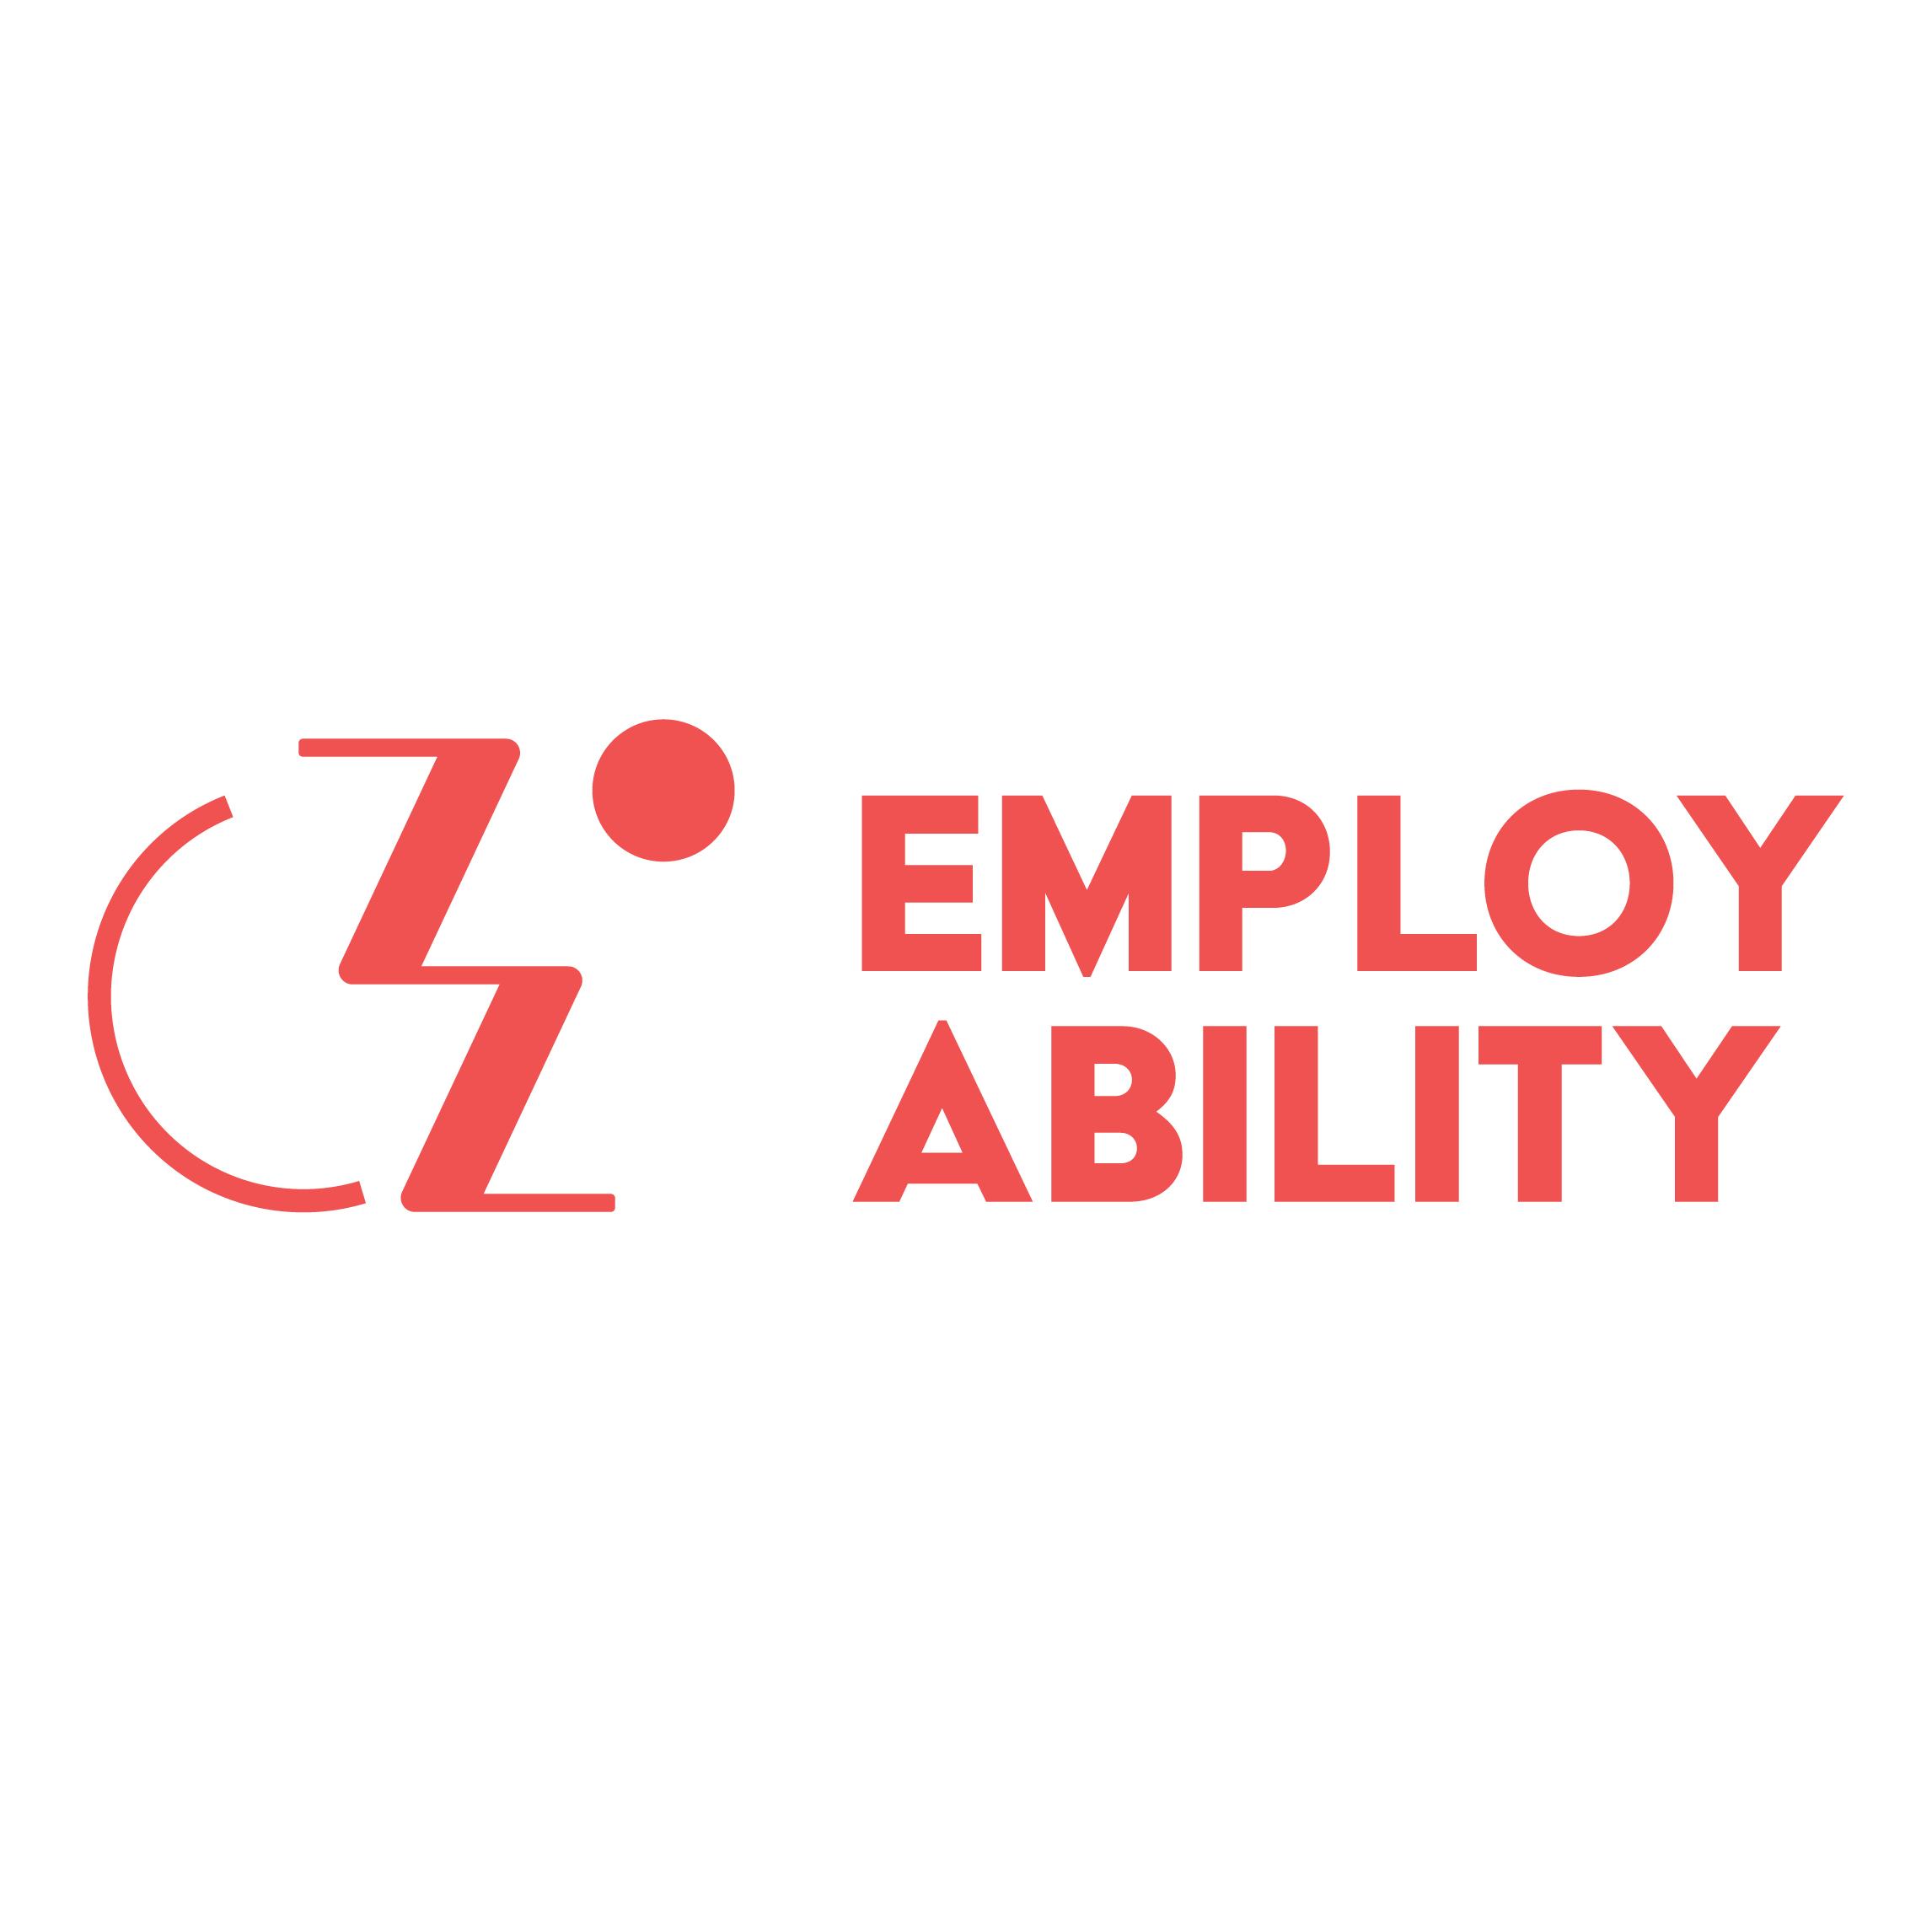 <i>Employ Ability</i>